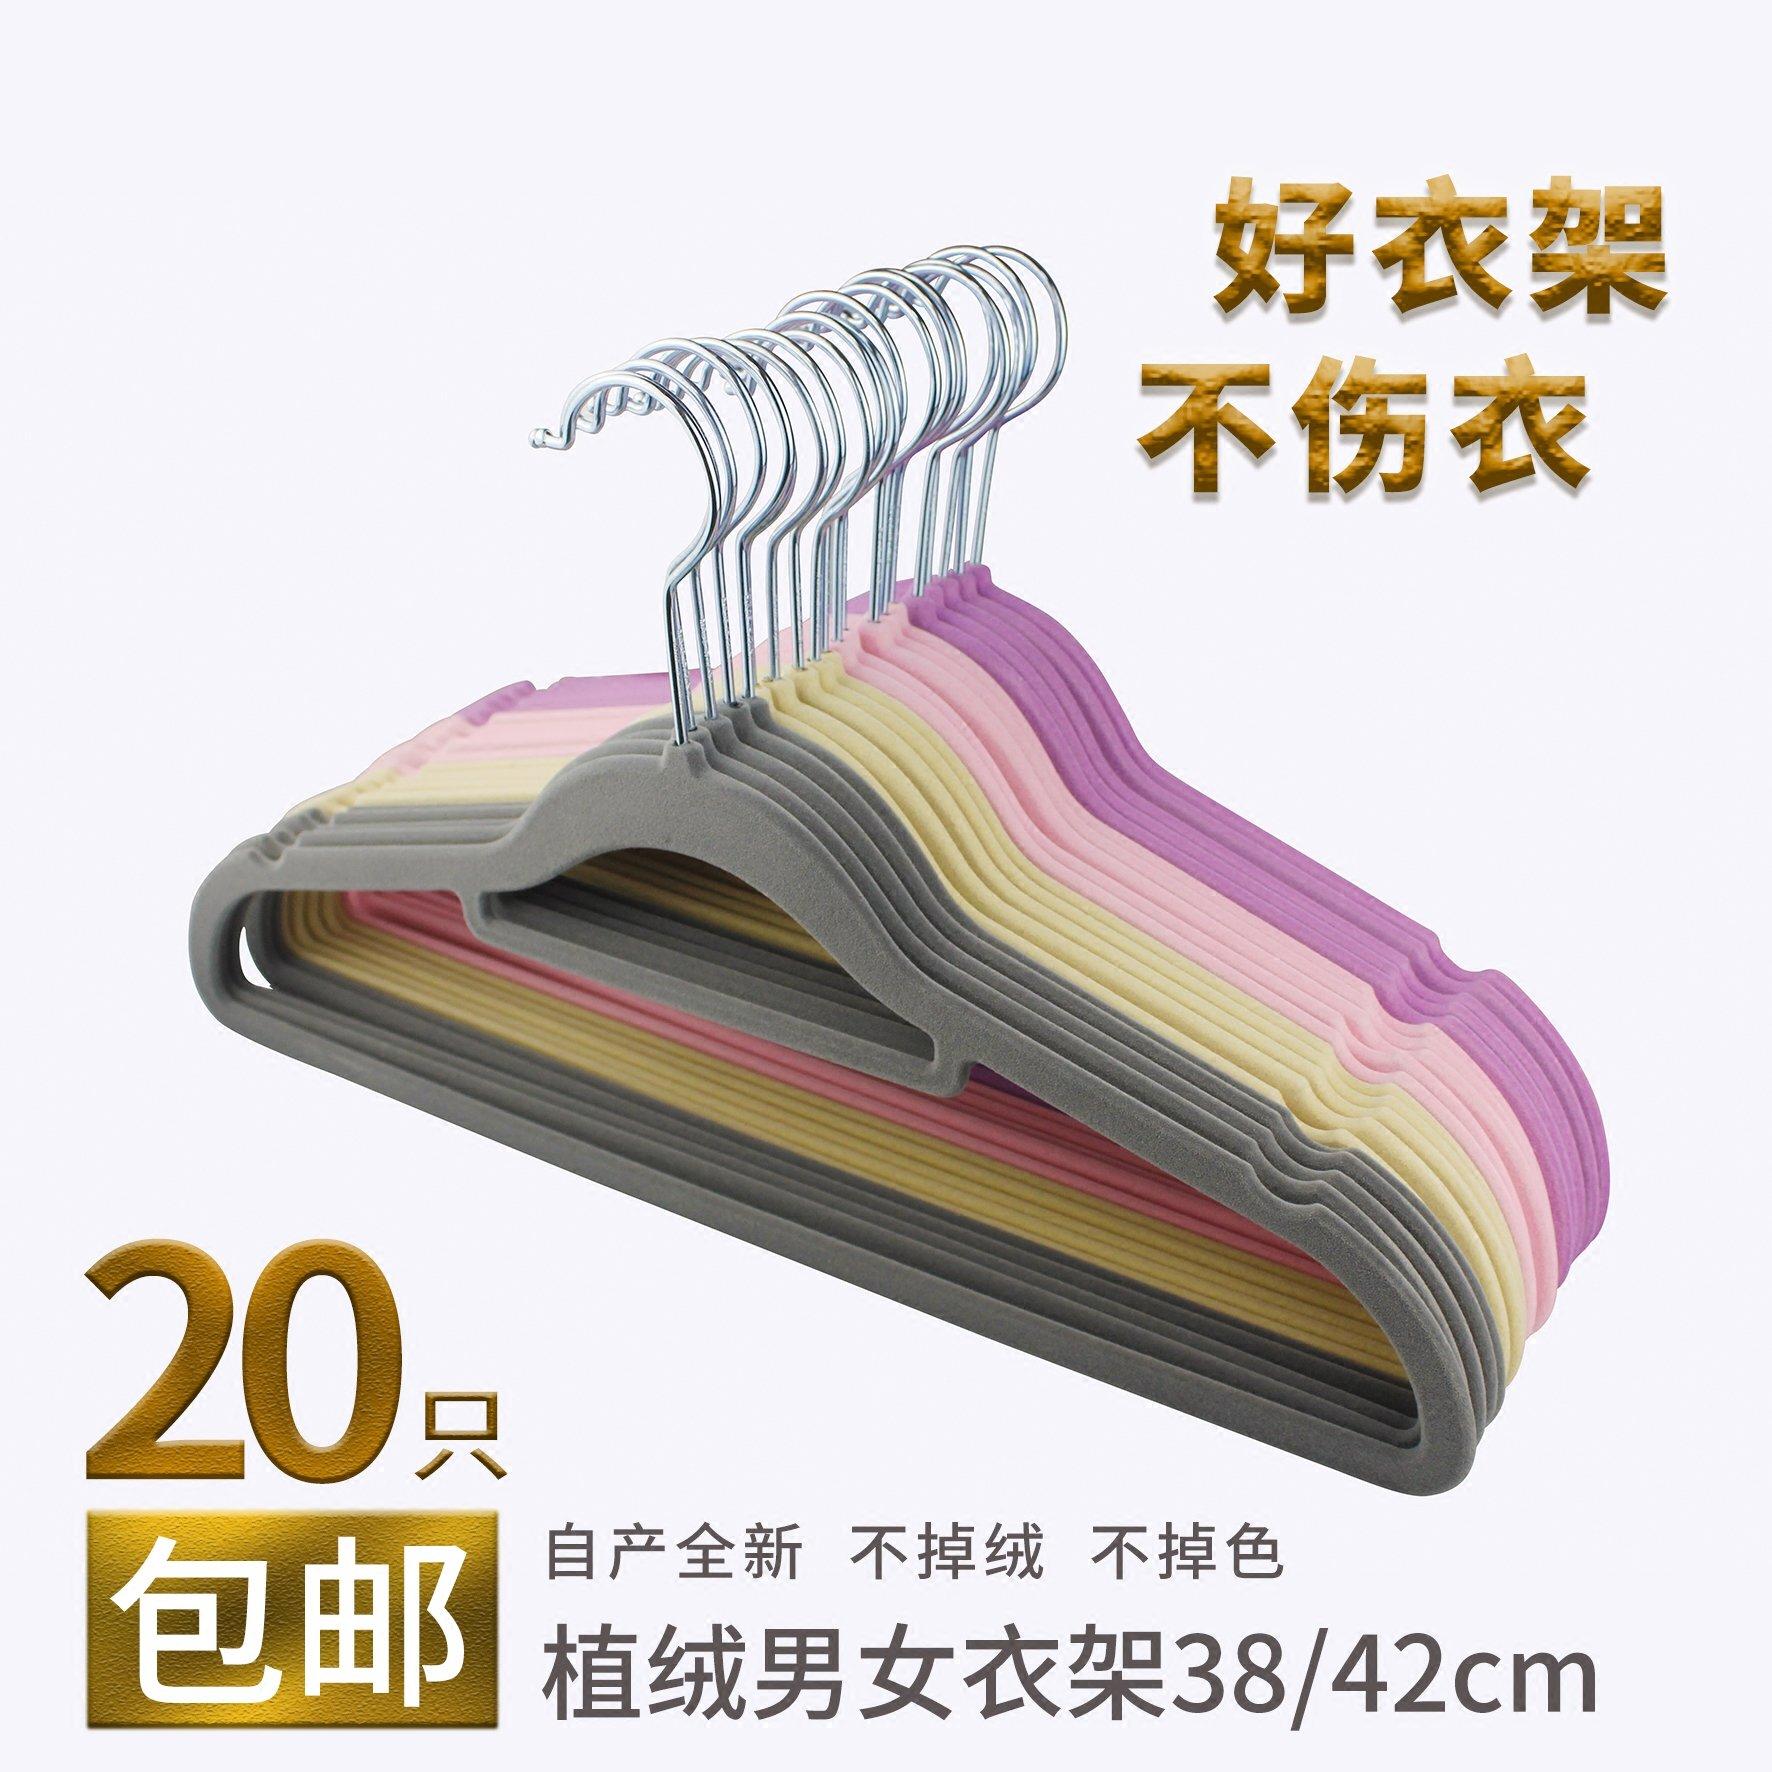 出口日式植绒衣架20只无痕防滑衣挂塑料衣撑42cm女装绒面衣柜衣架